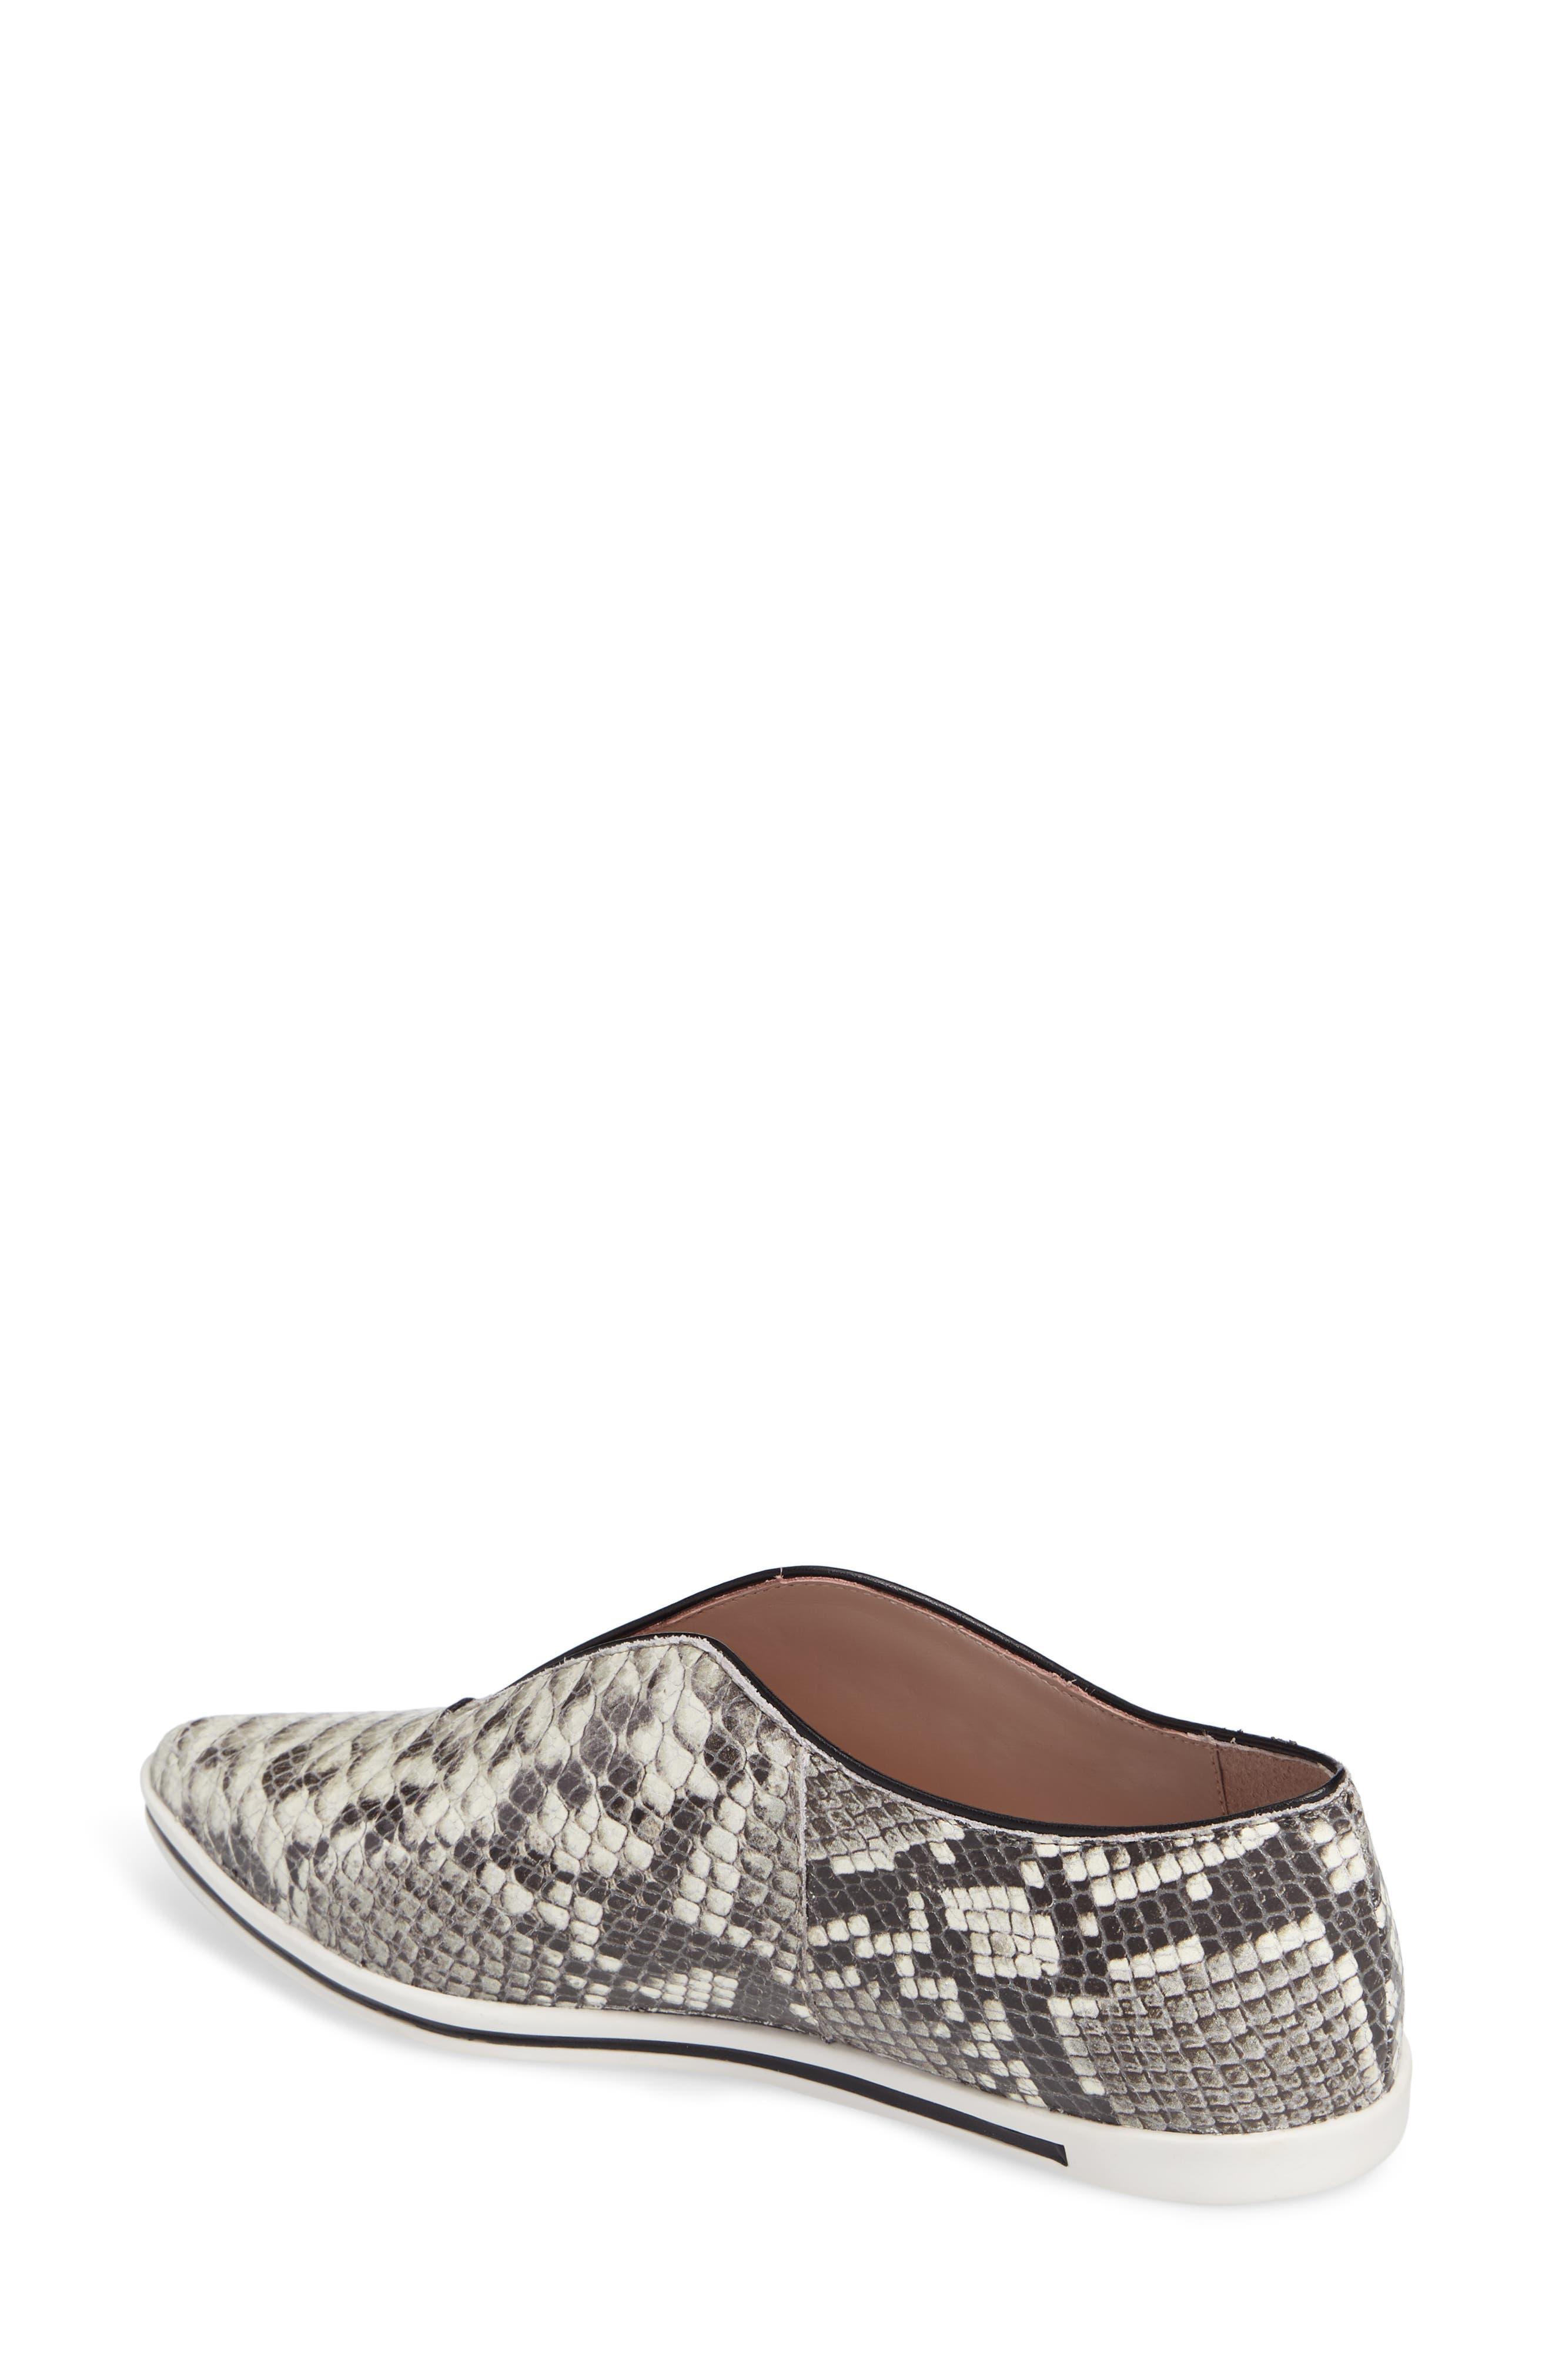 Tisha Slip-On Sneaker,                             Alternate thumbnail 2, color,                             Natural Embossed Leather